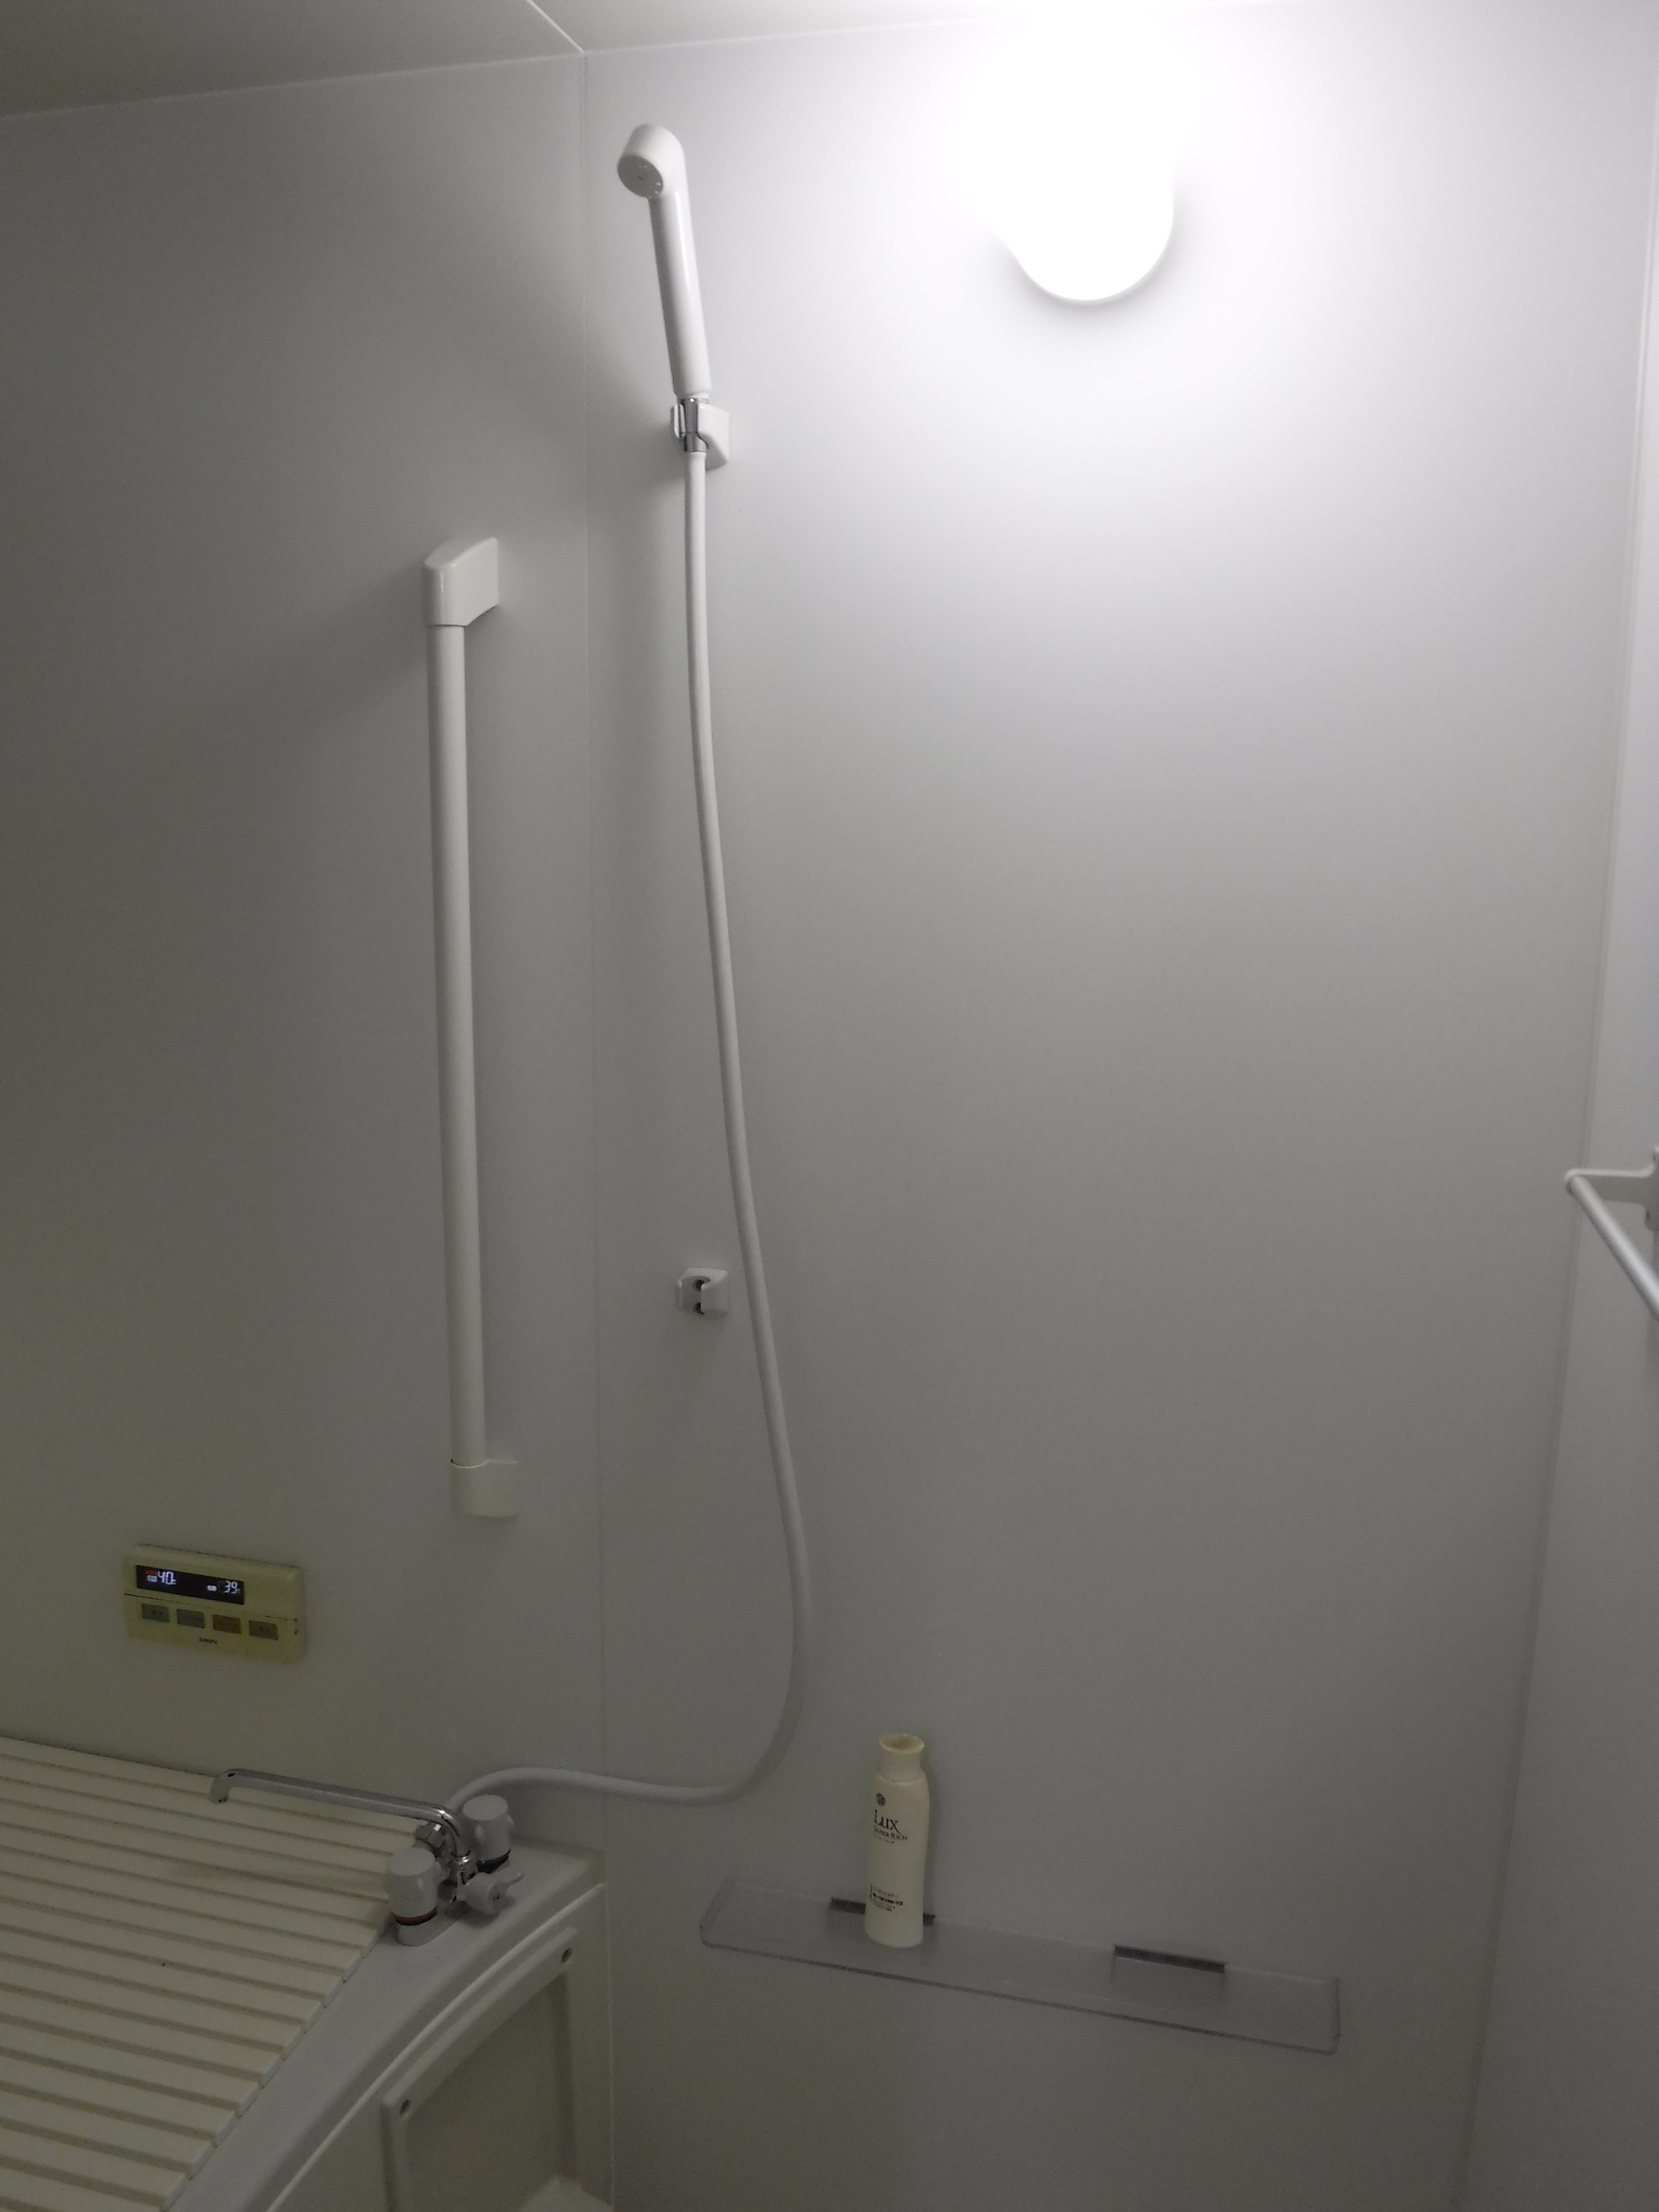 介護保険を活用して改装工事 浴室 BW1216 シャワー水栓